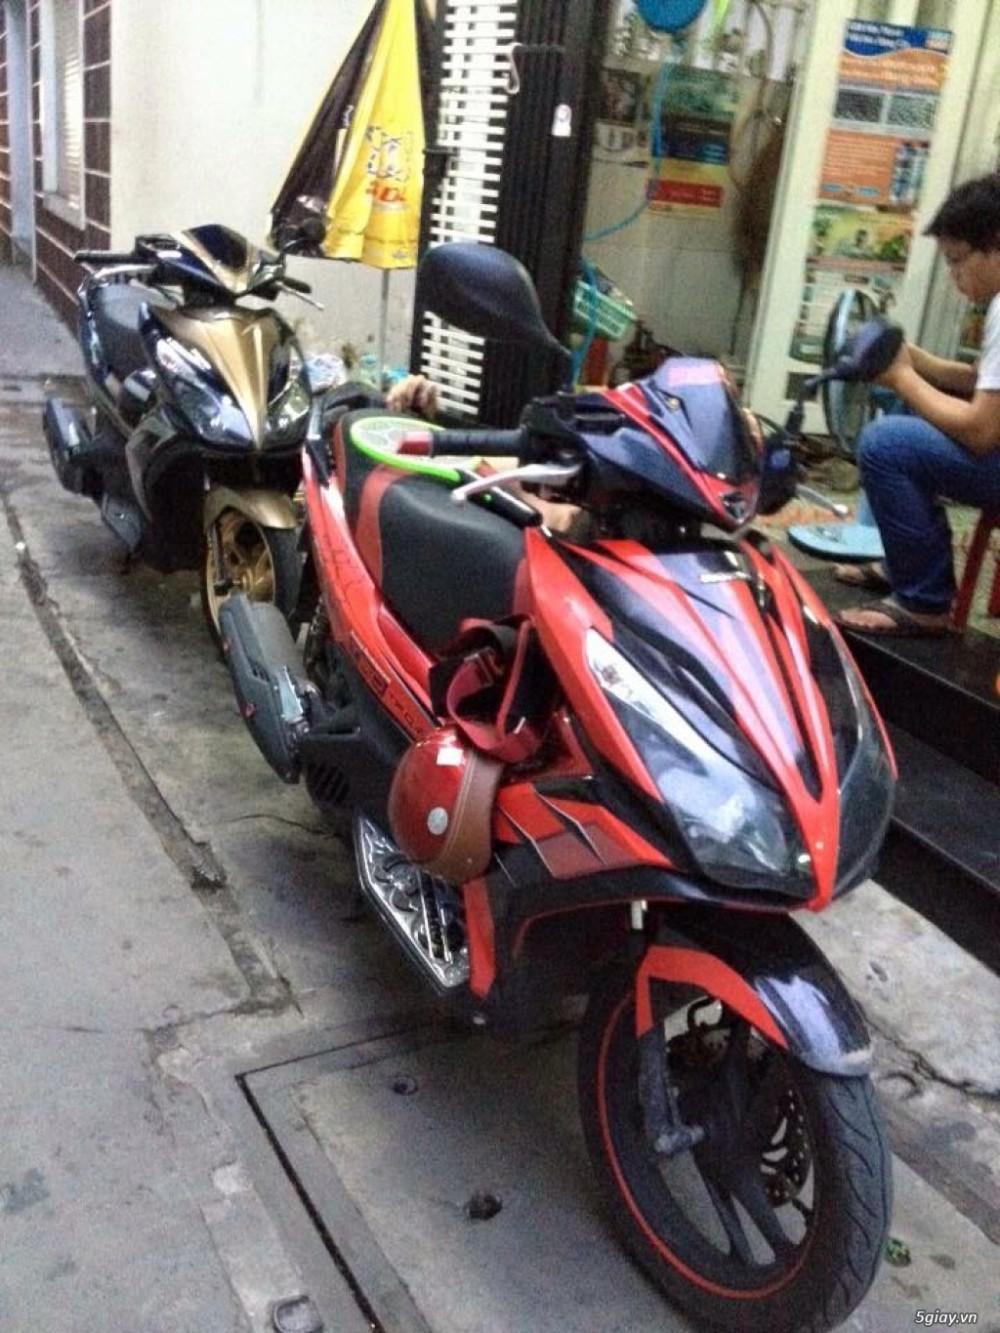 Chuyen Do Noi Xe Tay Ga Full Noi Noi Zin Bao Duong Ve Sinh Noi Cho Yamaha Honda Piago - 12